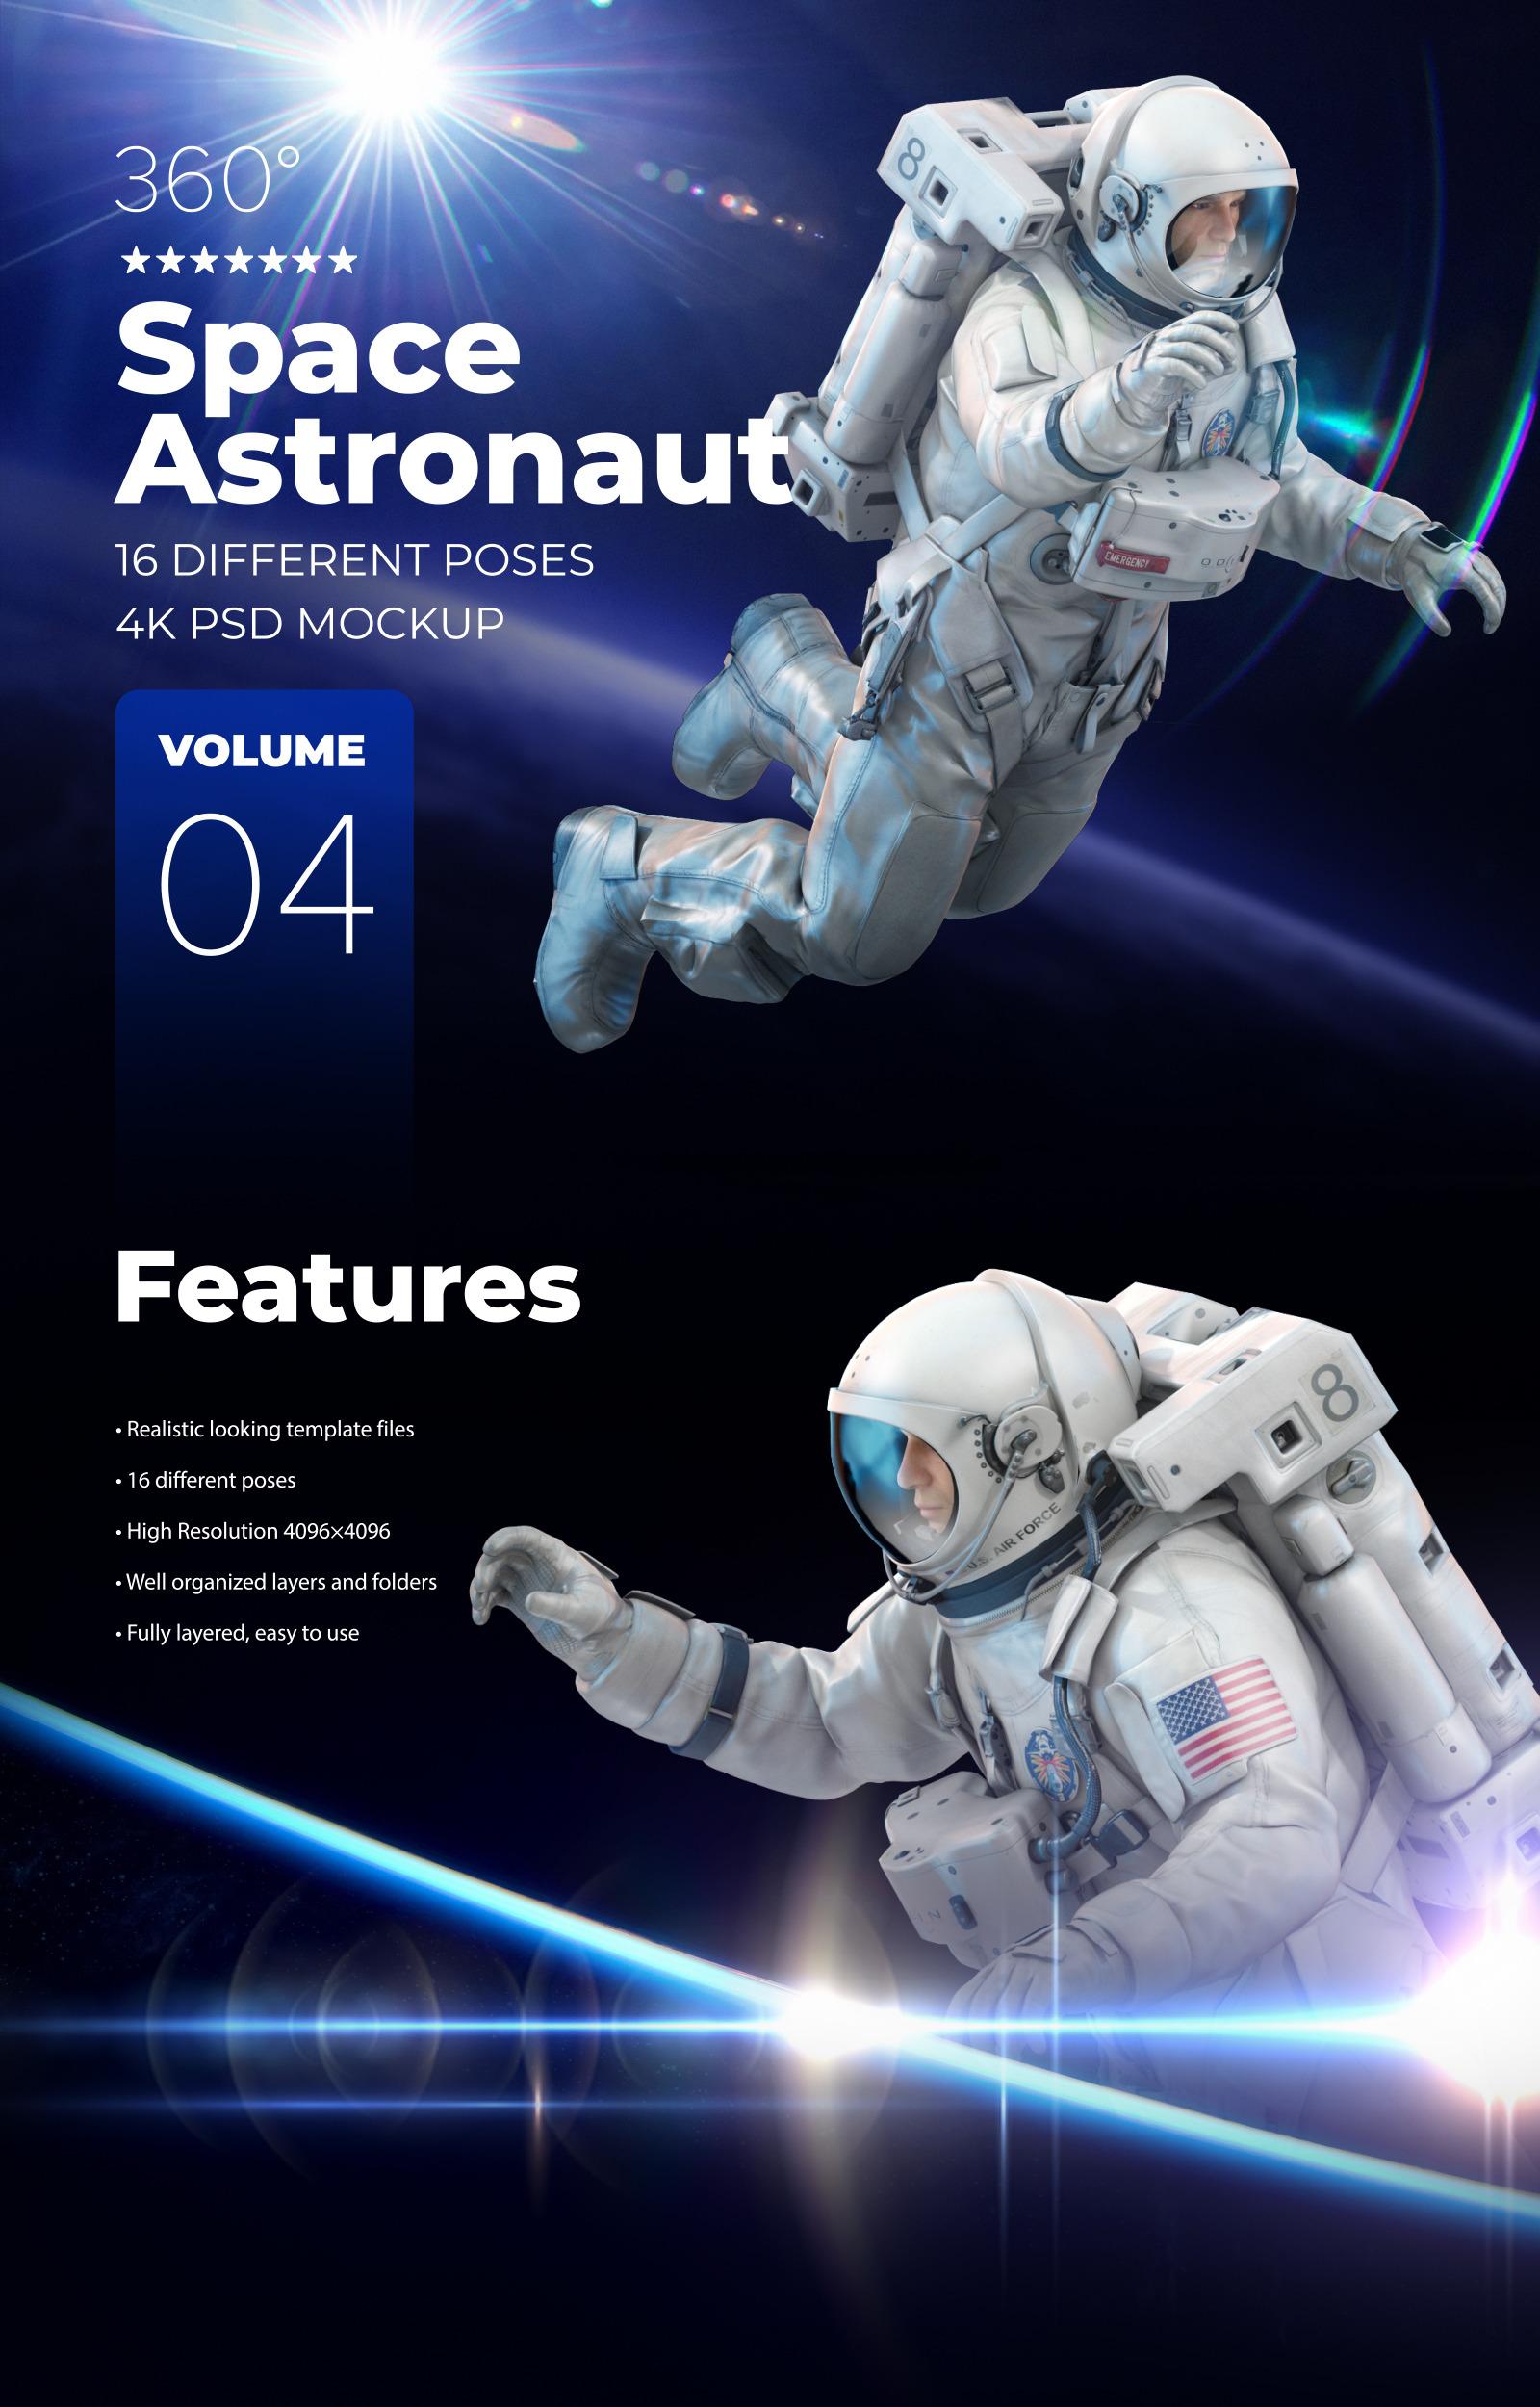 16款多角度太空宇航员3D模型平面设计PS素材源文件 3D Mockup Space Astronaut #04插图